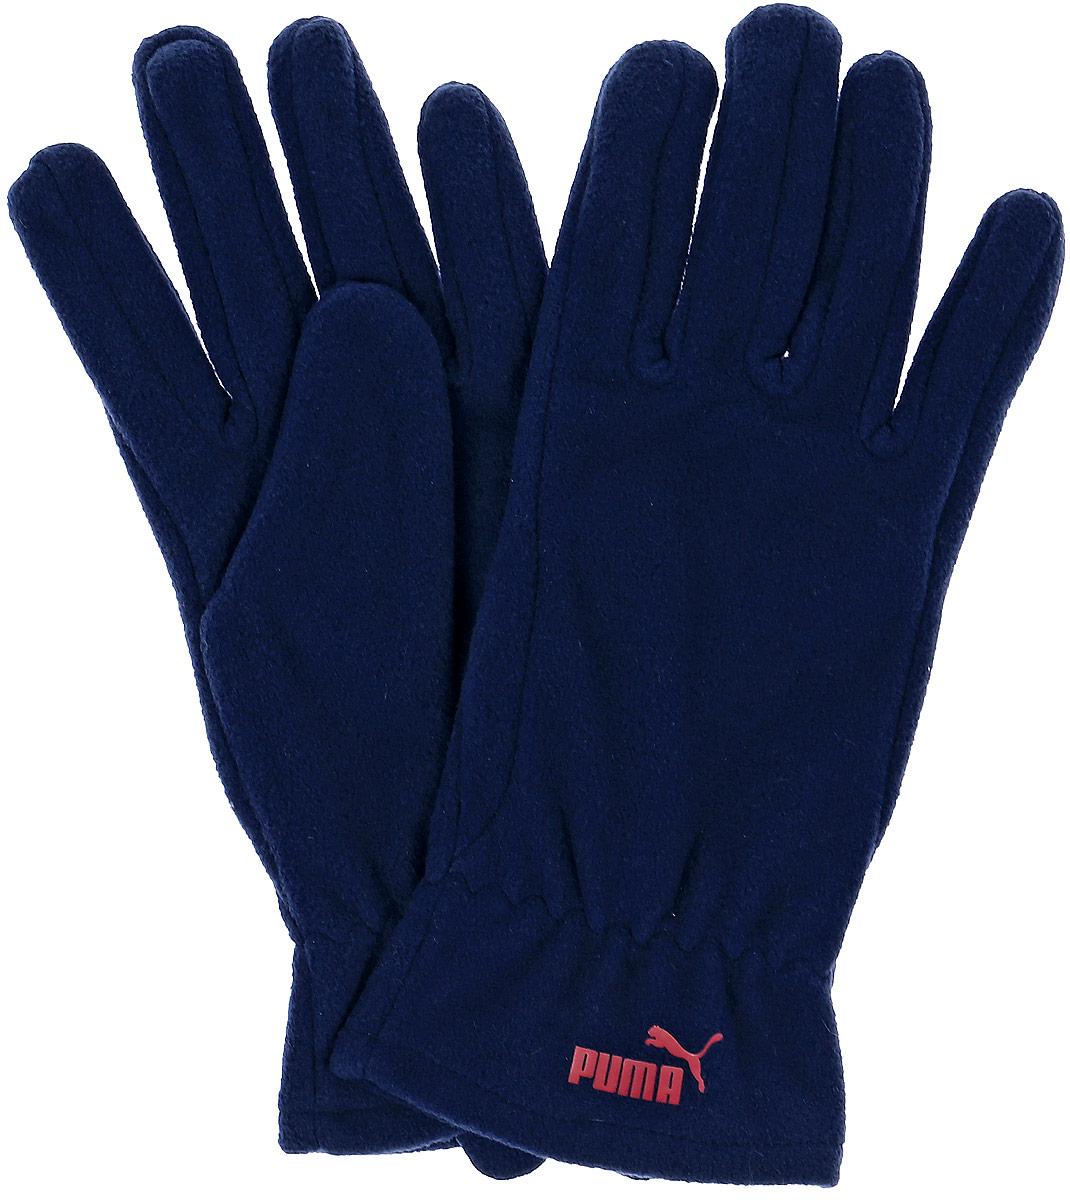 Перчатки Puma Snow Fleece Gloves, цвет: синий. 04127303. Размер M/L (24)041273_03Мягкие и удобные перчатки из флиса снабжены застежками на липучке для подгонки по руке, а также декорированы спереди тисненым прорезиненным логотипом PUMA.